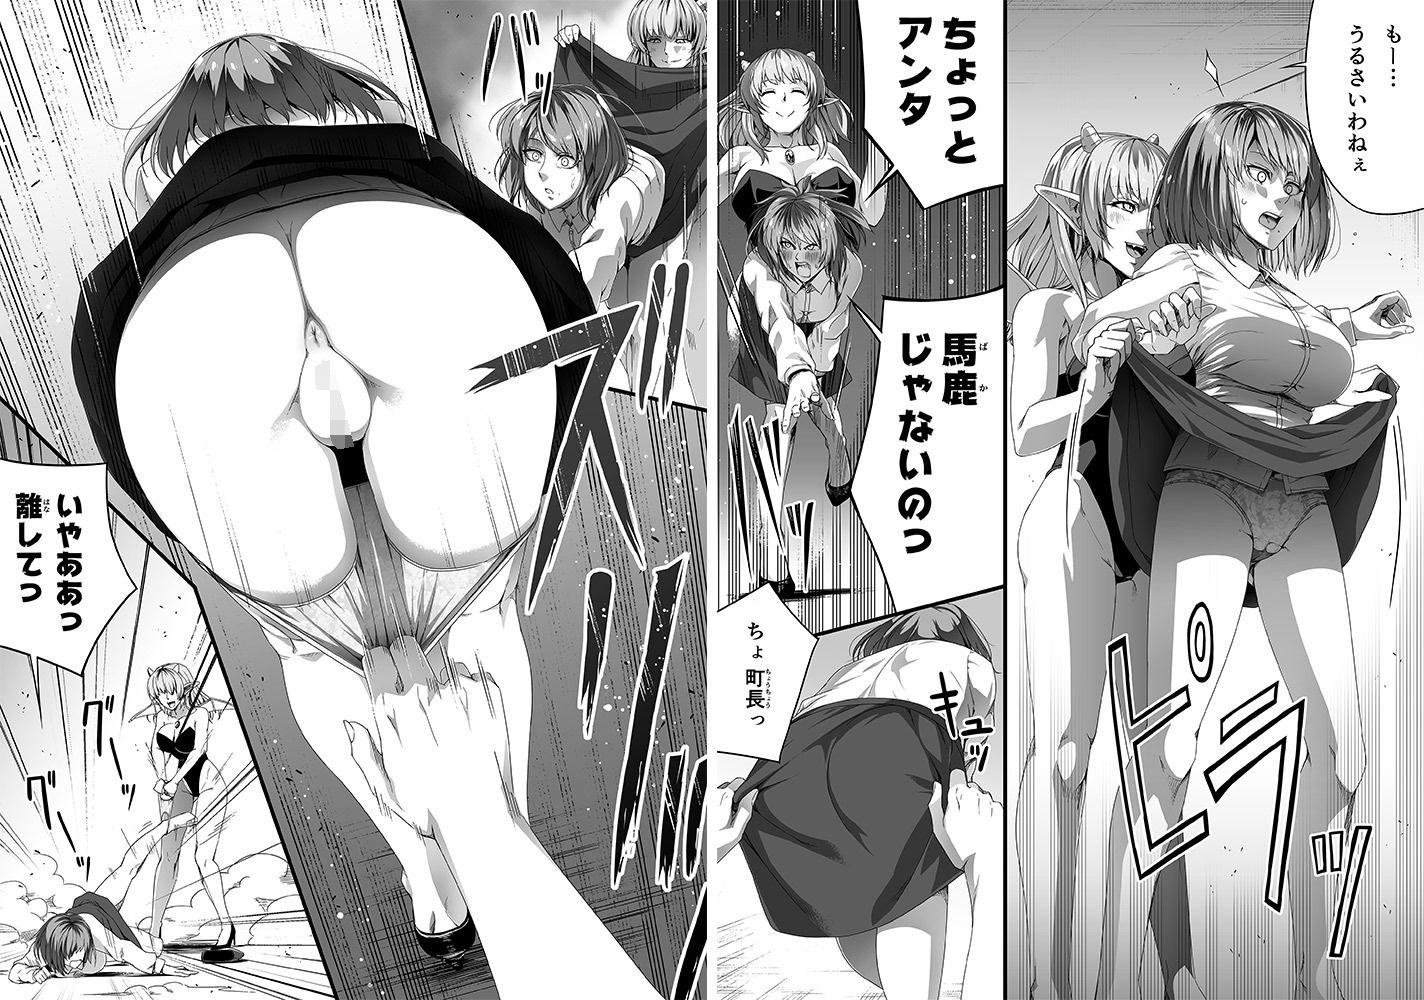 力あるサキュバスは性欲を満たしたいだけ2【同人エロ漫画】(Road=ロード=)9